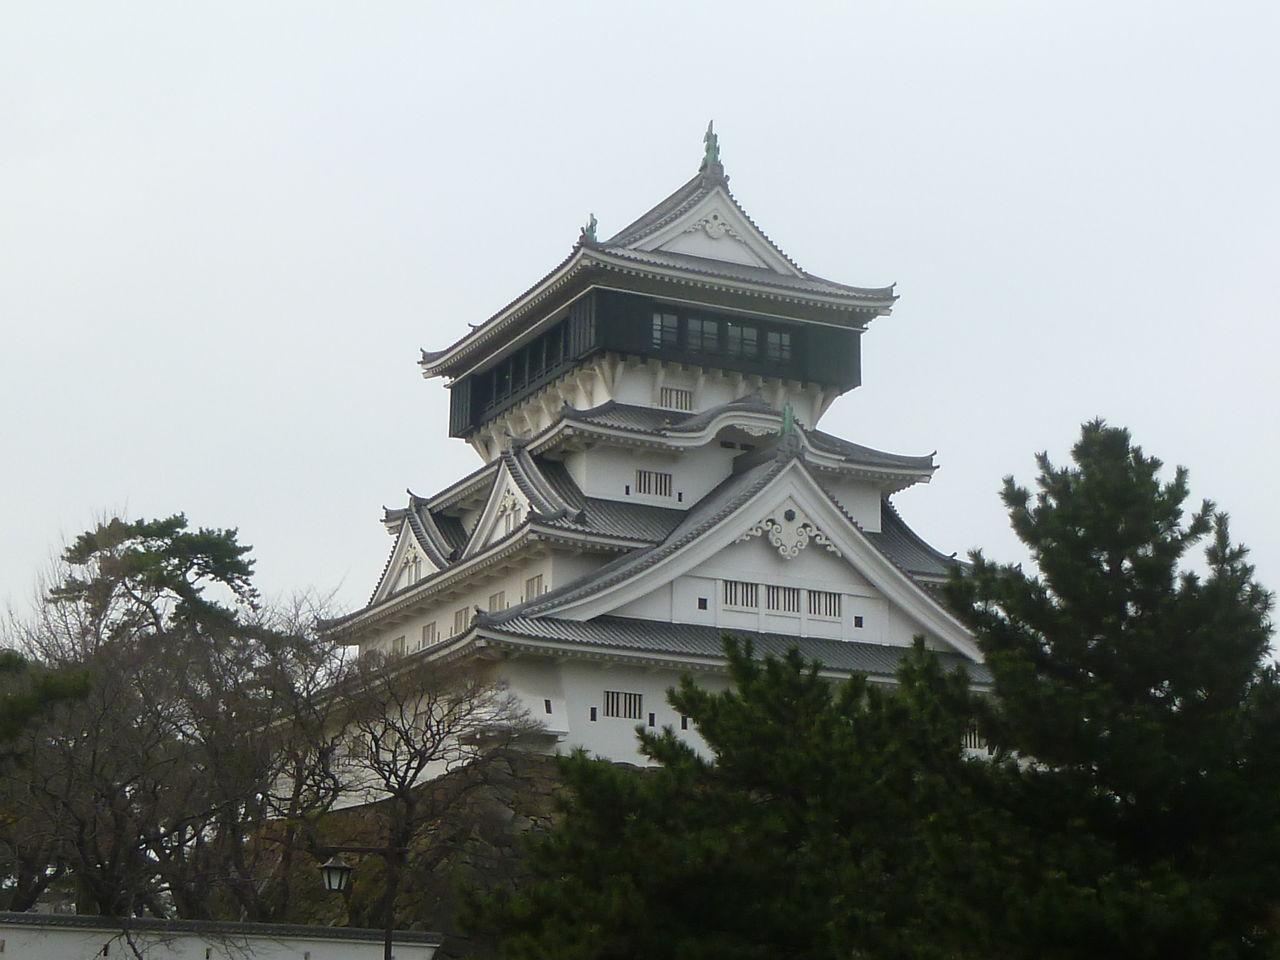 小倉城は、戦国時代(1569年)に中国の毛利氏によって現在の地に建てら... 初詣  「小倉八坂